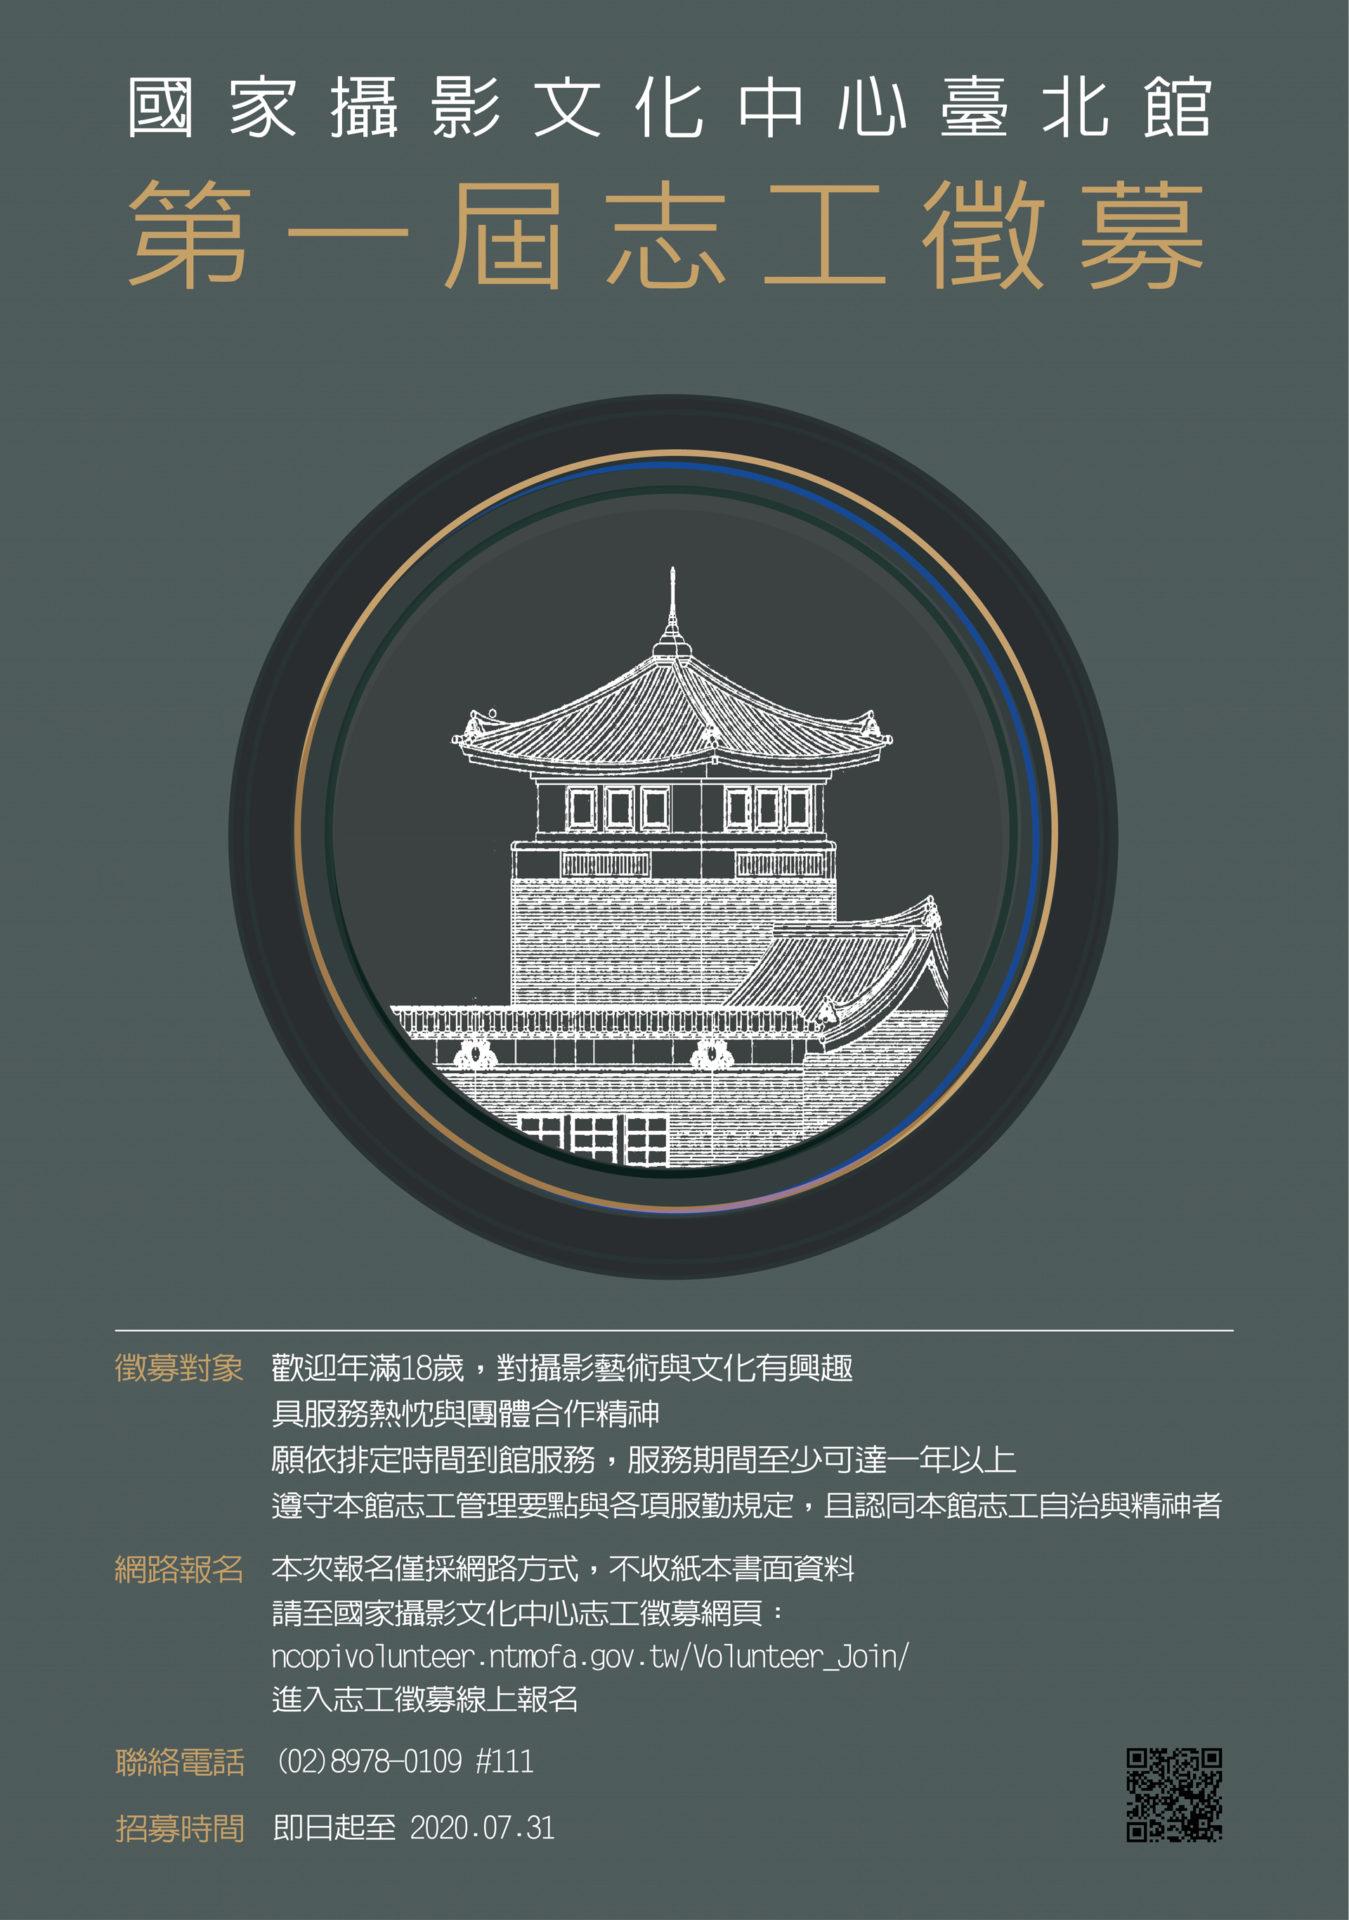 國家攝影文化中心臺北館:即日起至2020/07/31【第一屆志工徵募】